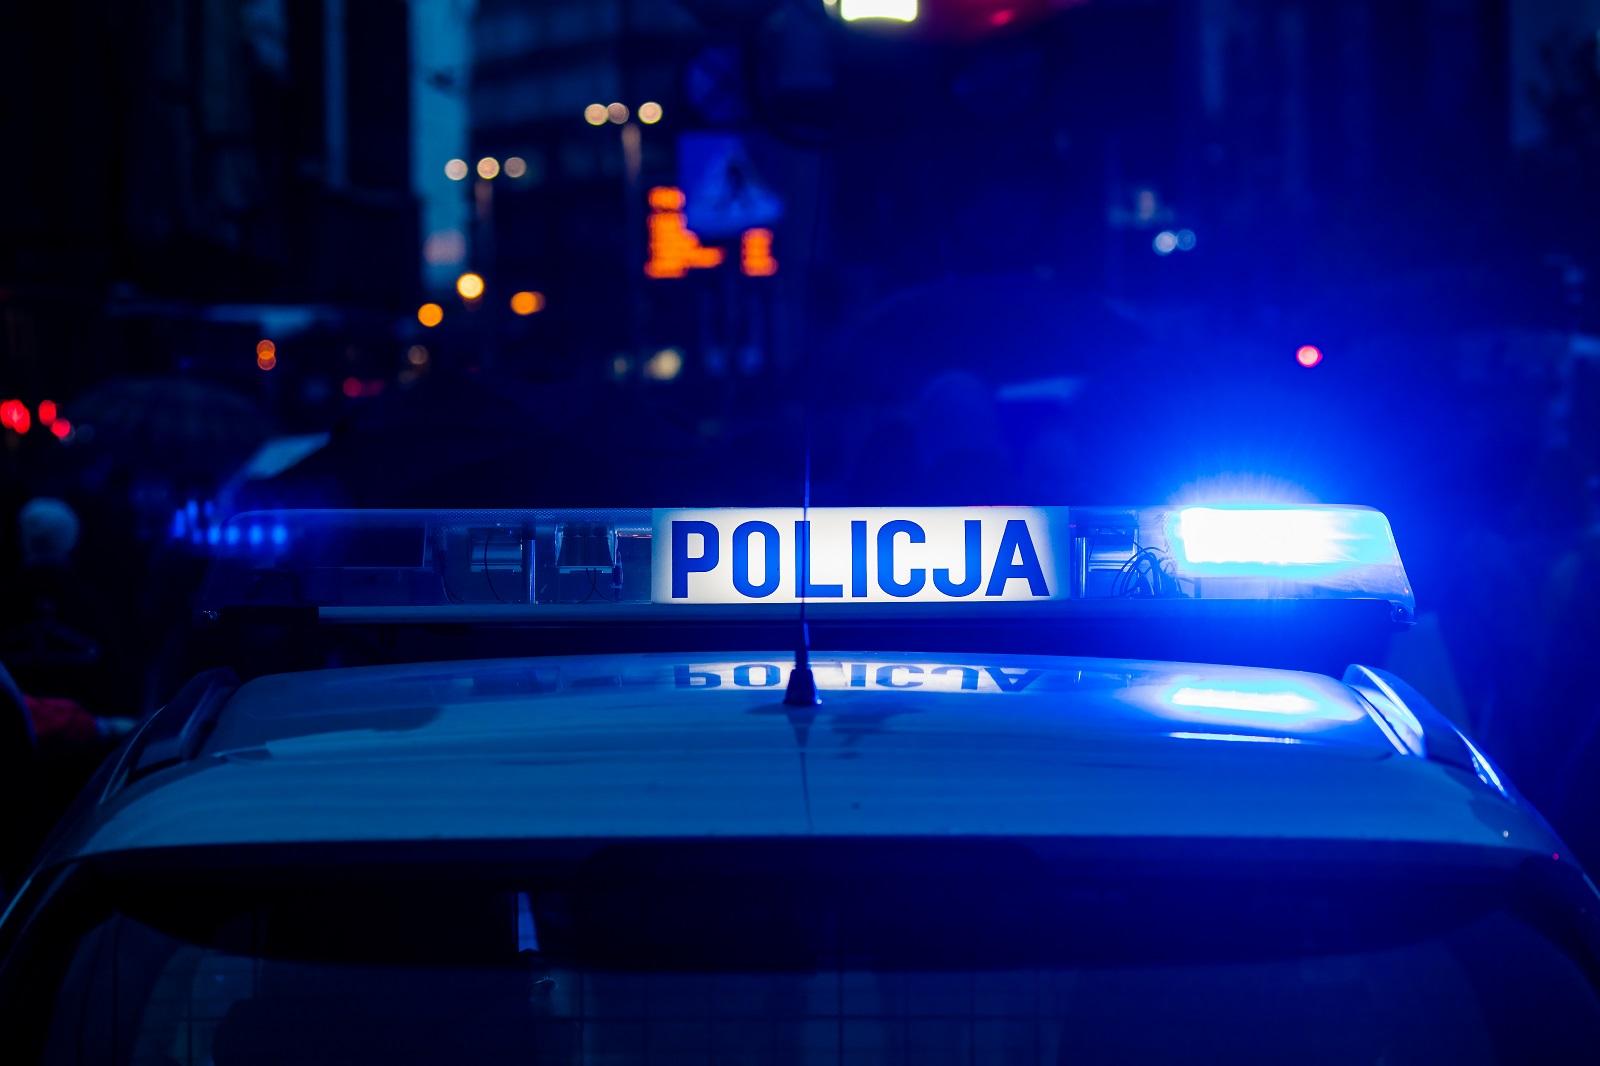 Nocny pościg za pijanym kierowcą. Doszło do obywatelskiego zatrzymania - Zdjęcie główne